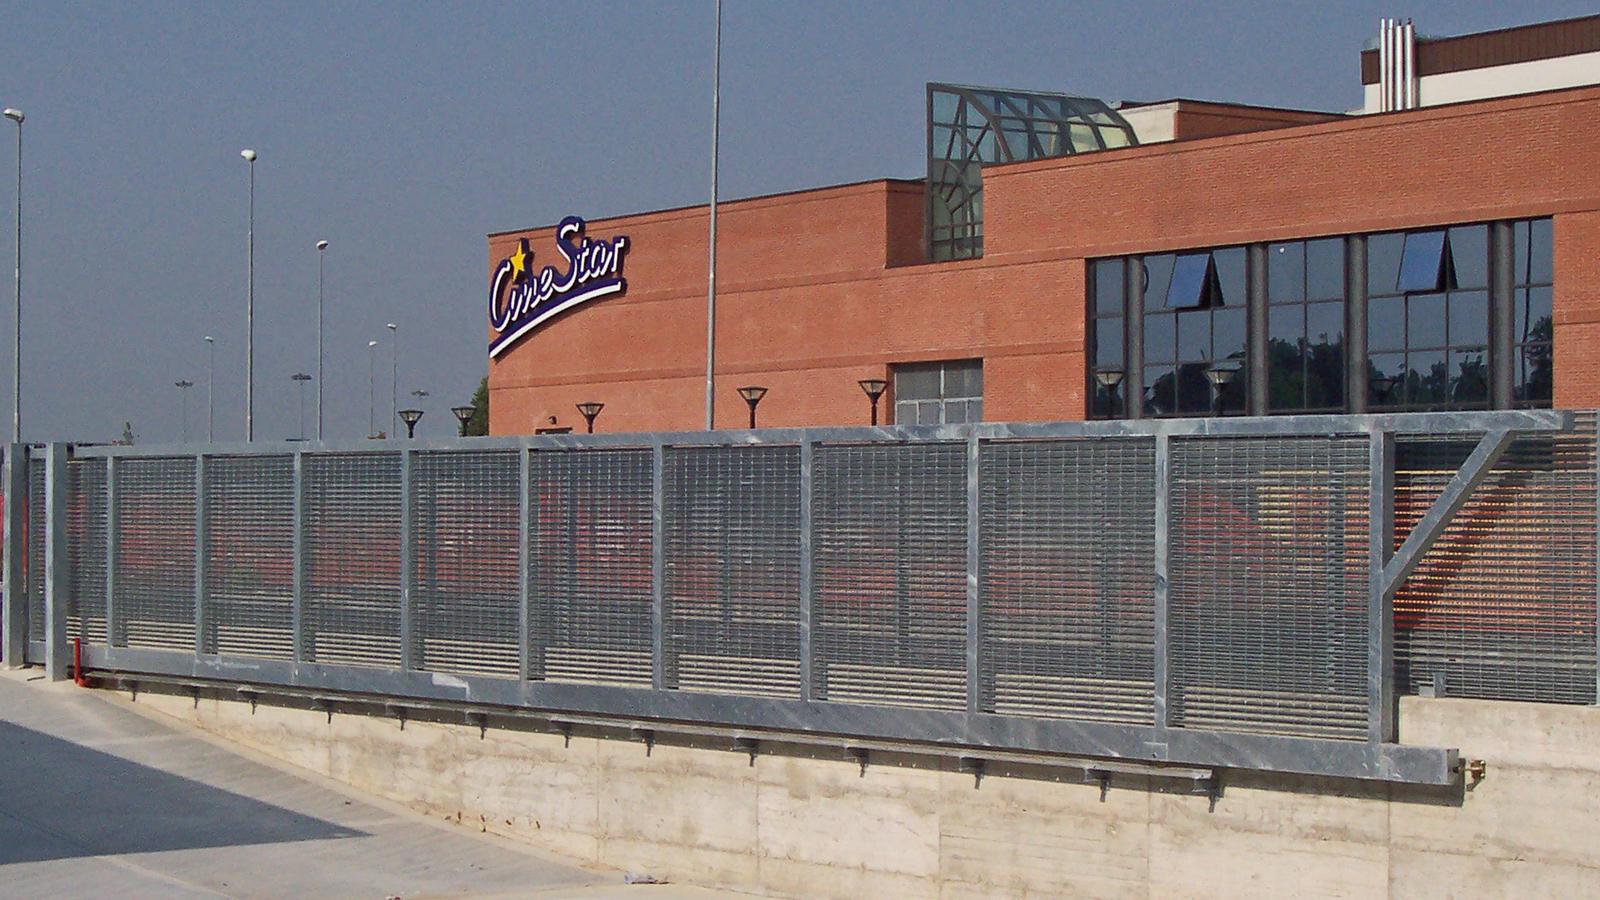 Cancelli e recinzioni - Modello Grandi aperture